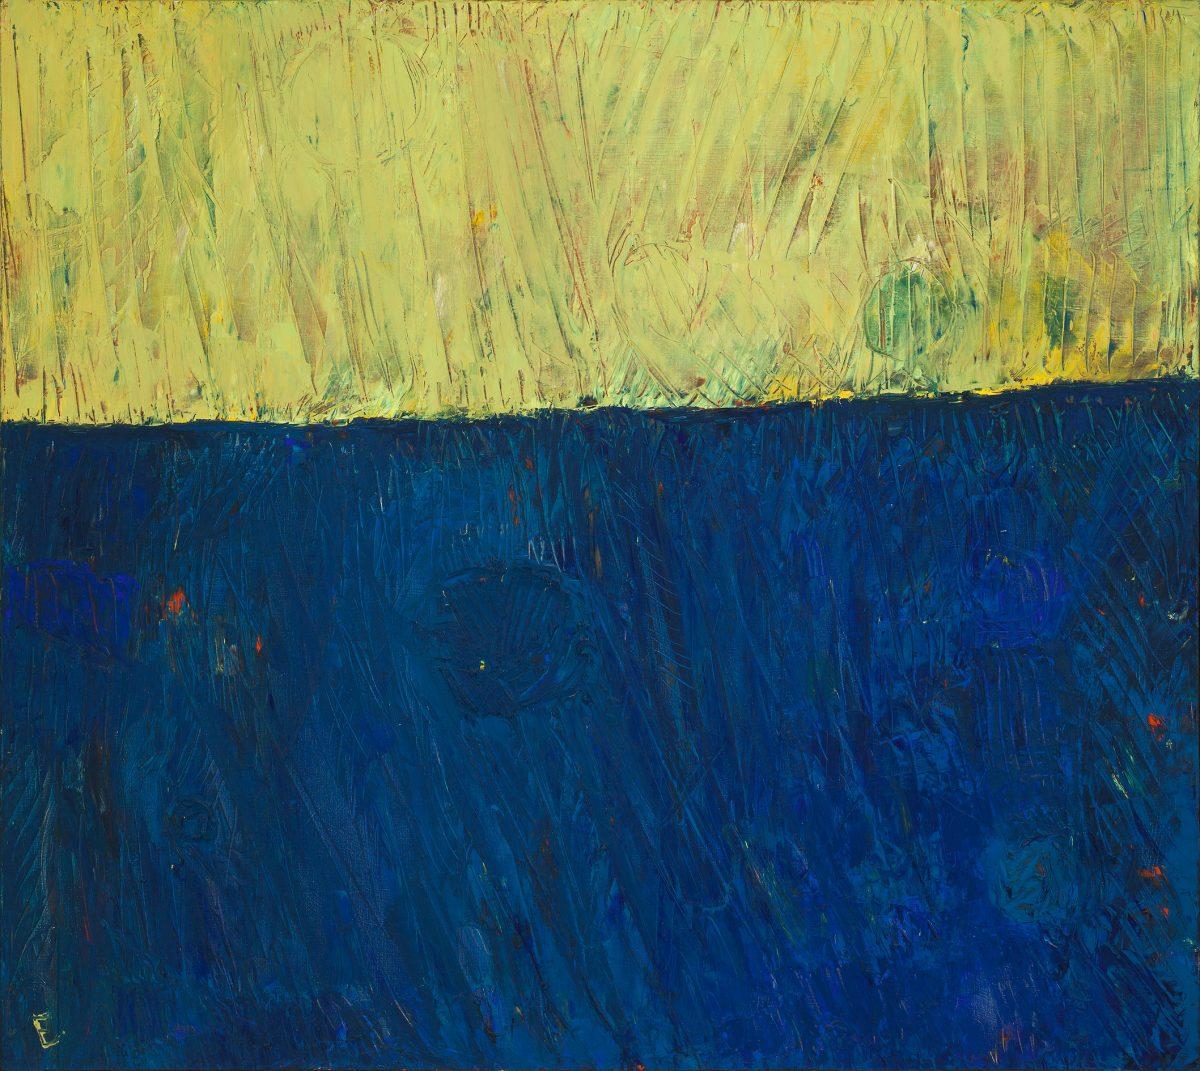 Sans titre, 1963, Paterson Ewen, Huile sur toile.